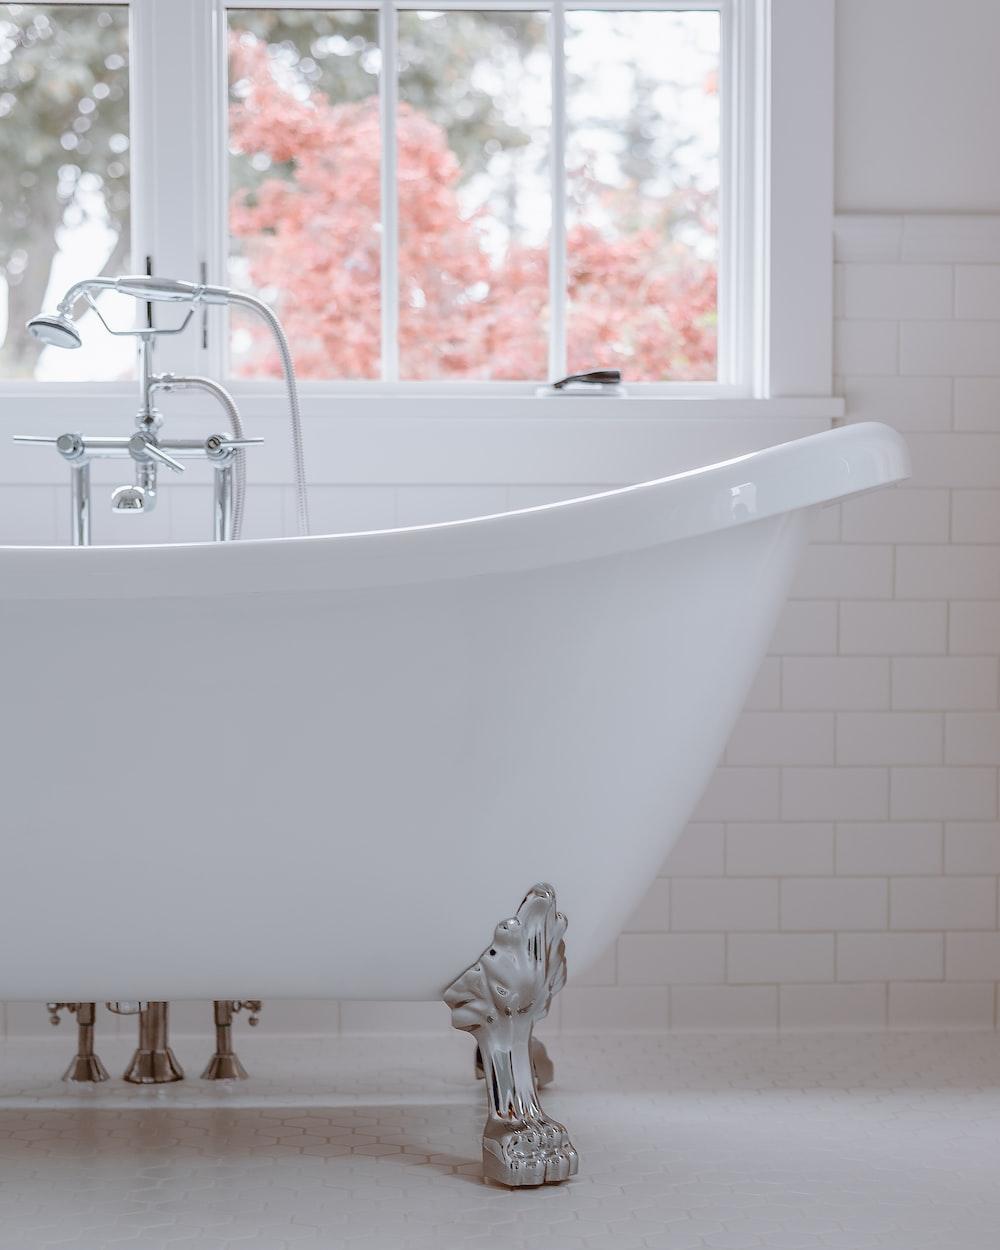 white bathtub with white bathtub